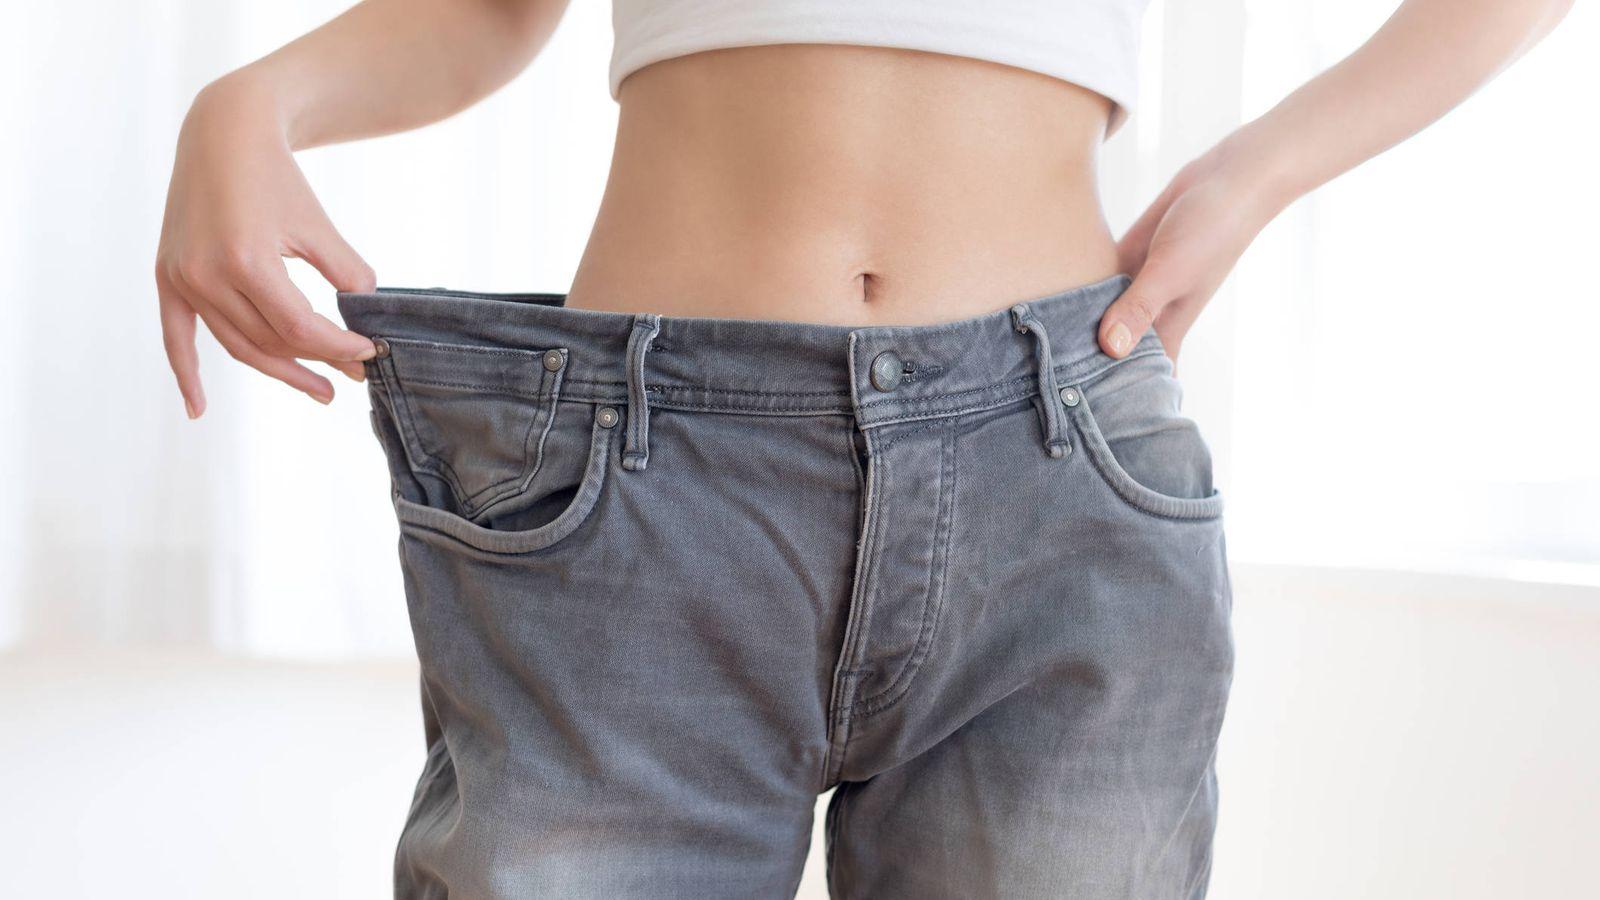 ¿Puede mantener una pérdida de peso rápida?